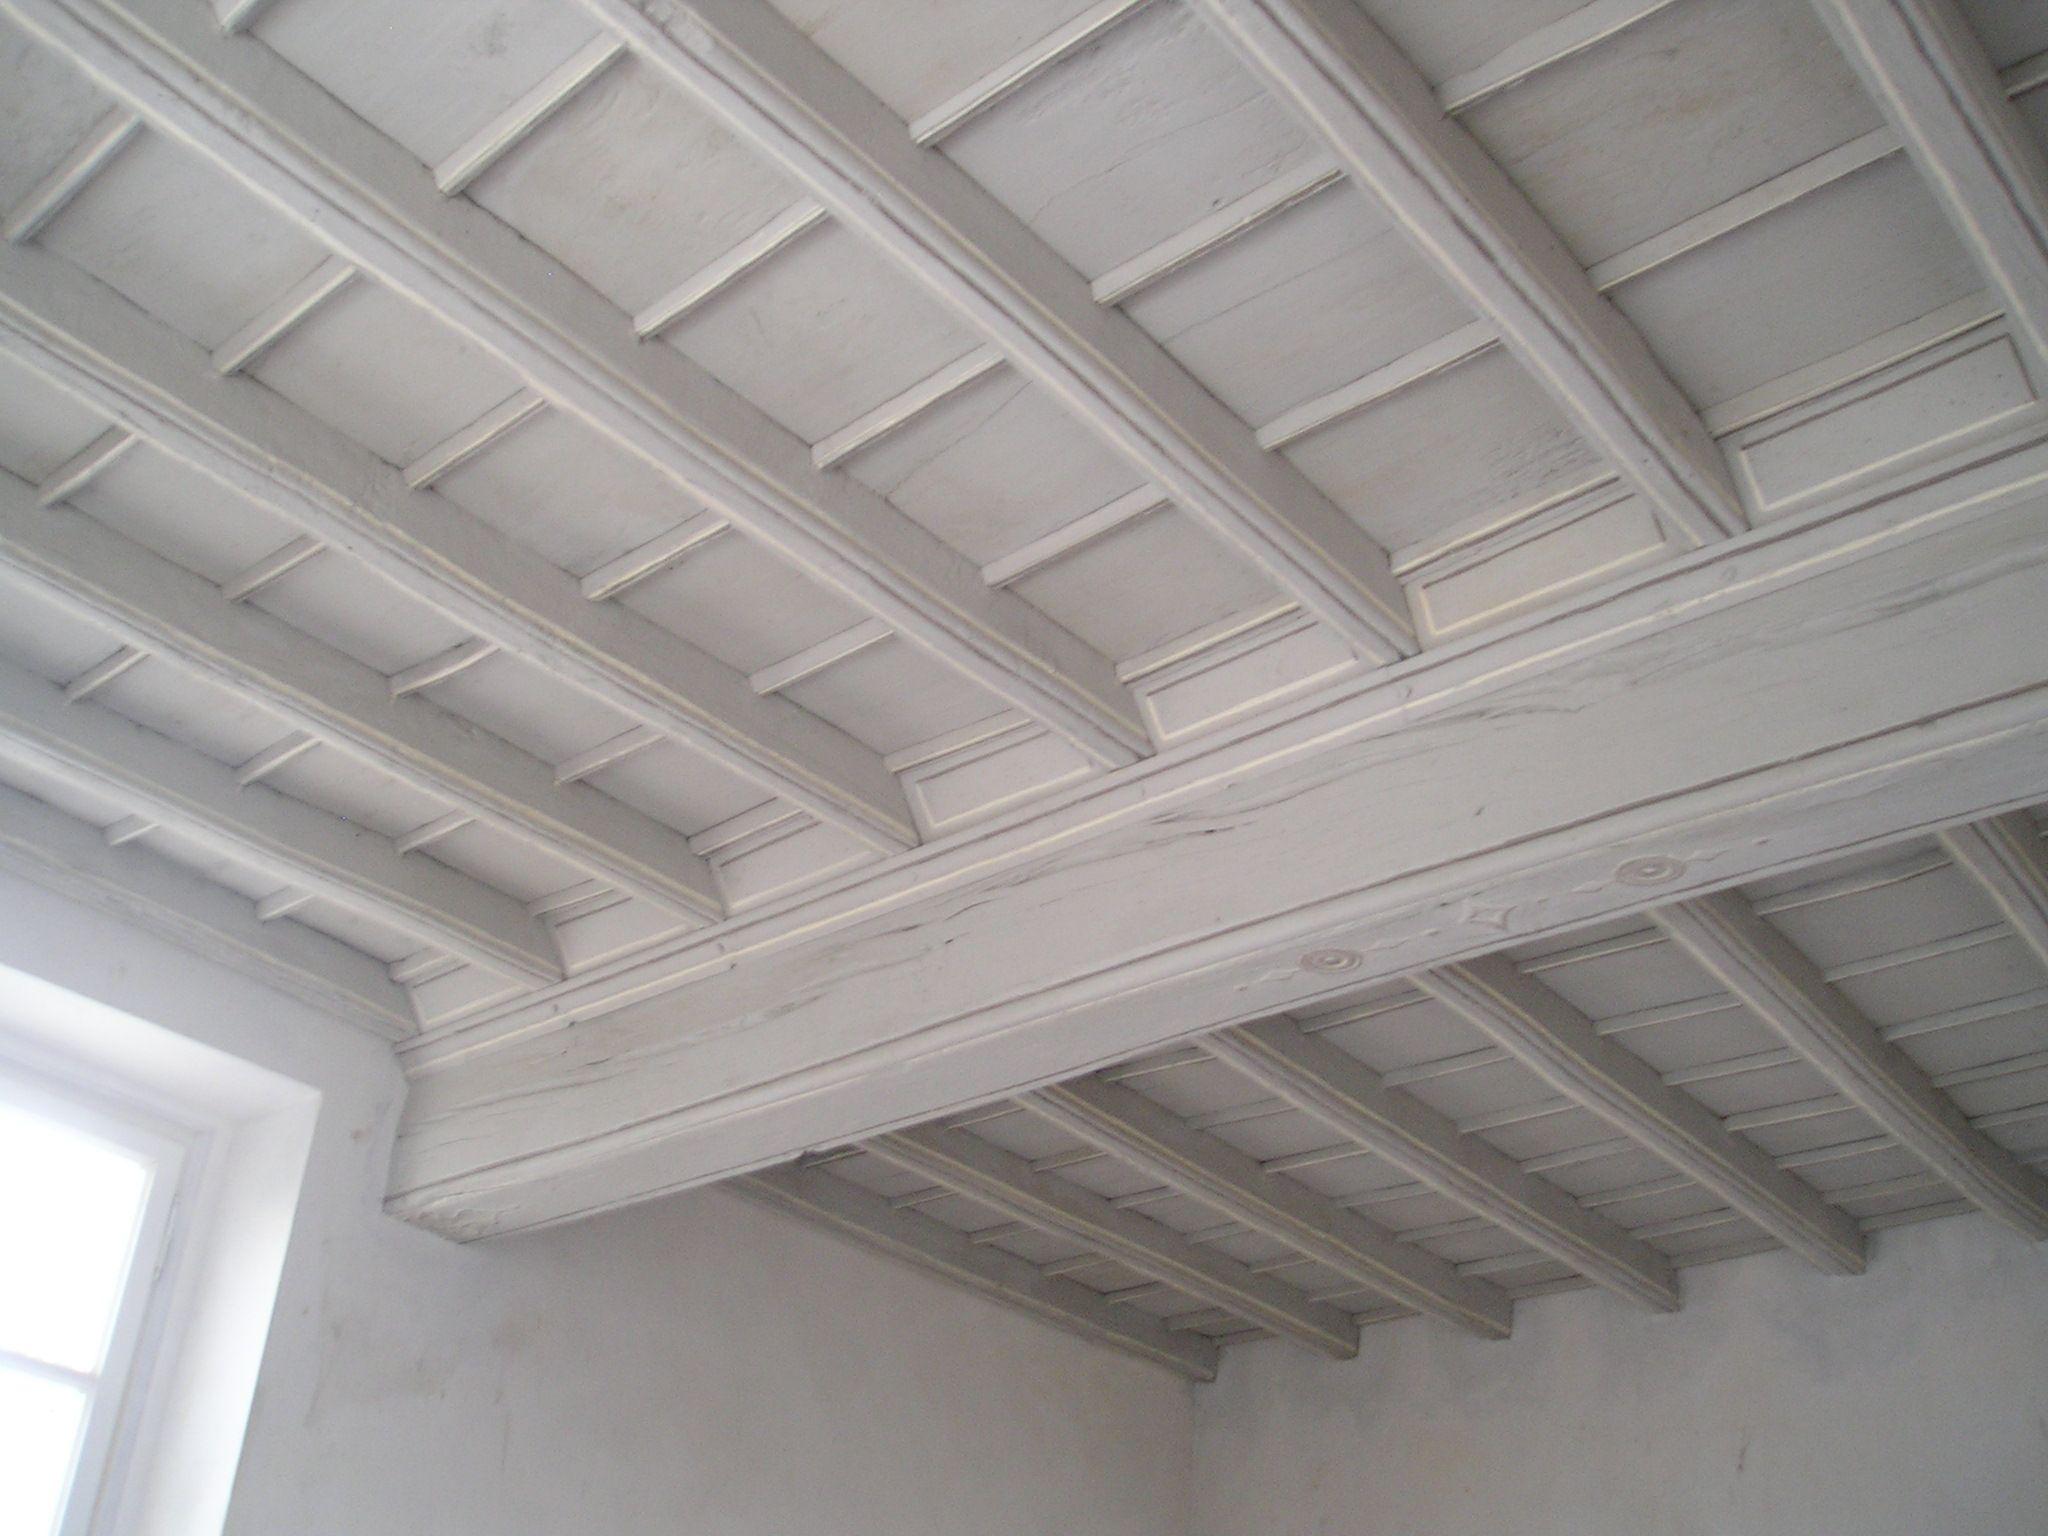 Soffitti In Legno Bianco : Soffitto in legno bianco : come pulire il soffitto soluzioni di